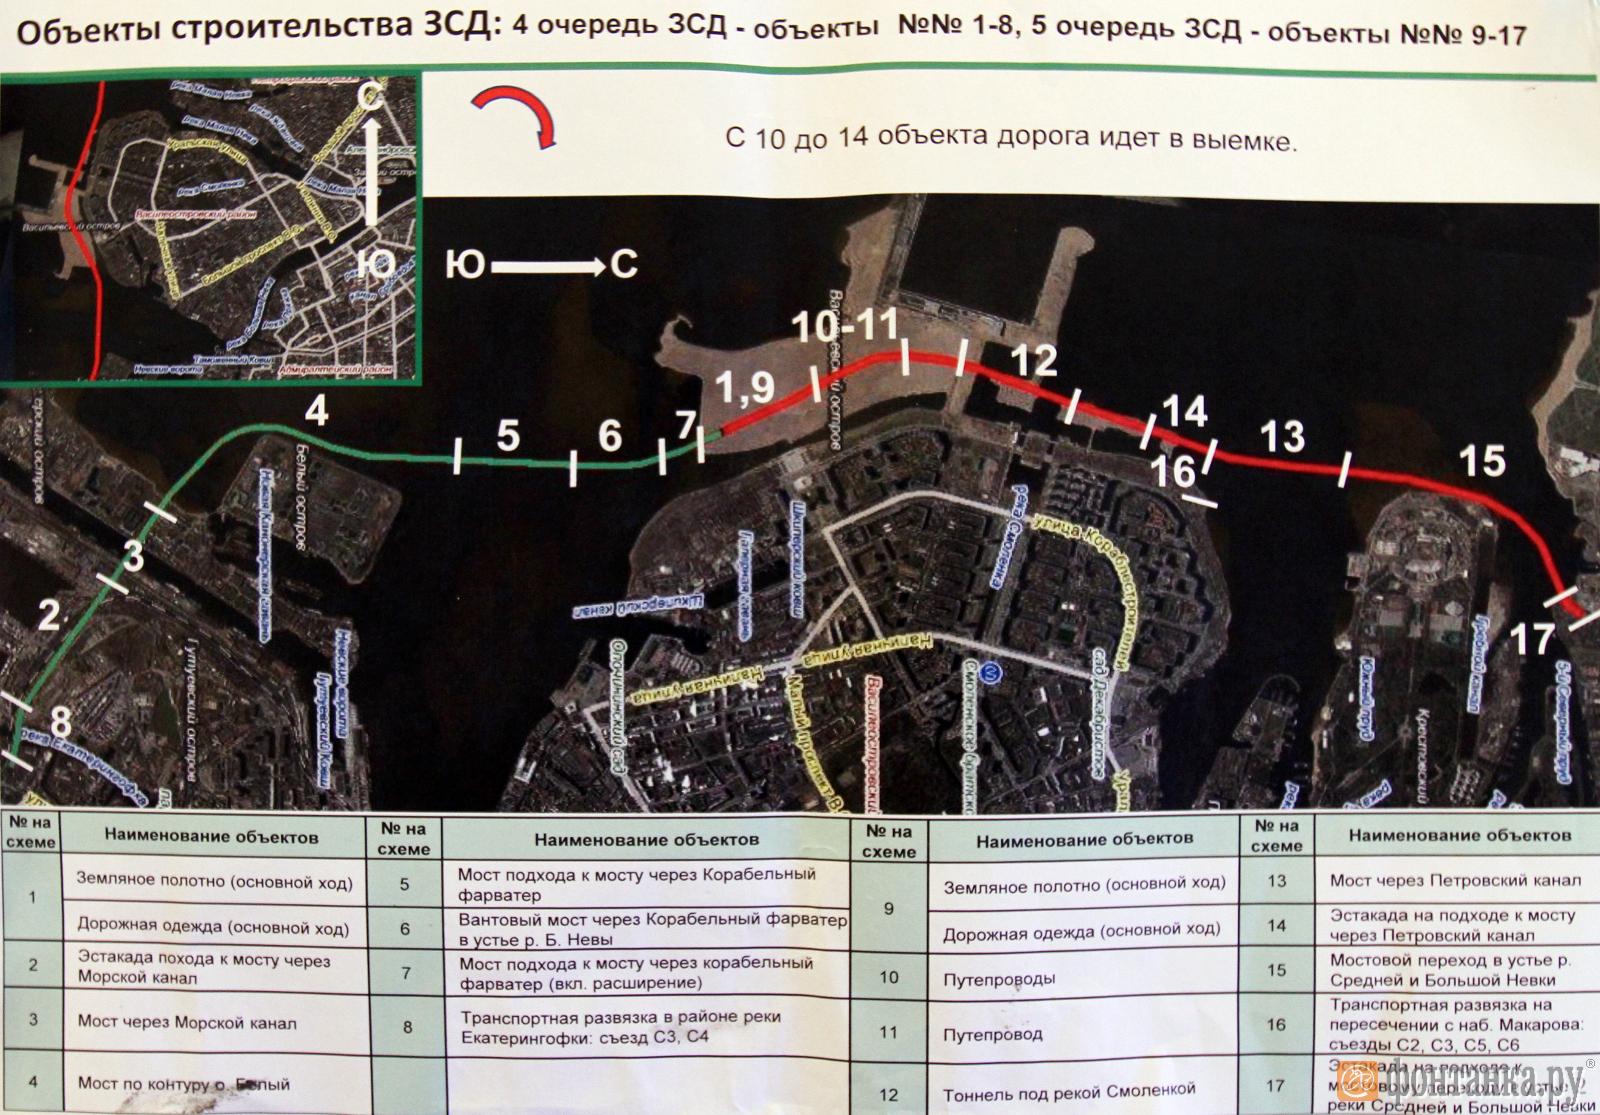 Схема объектов строительства ЗСД